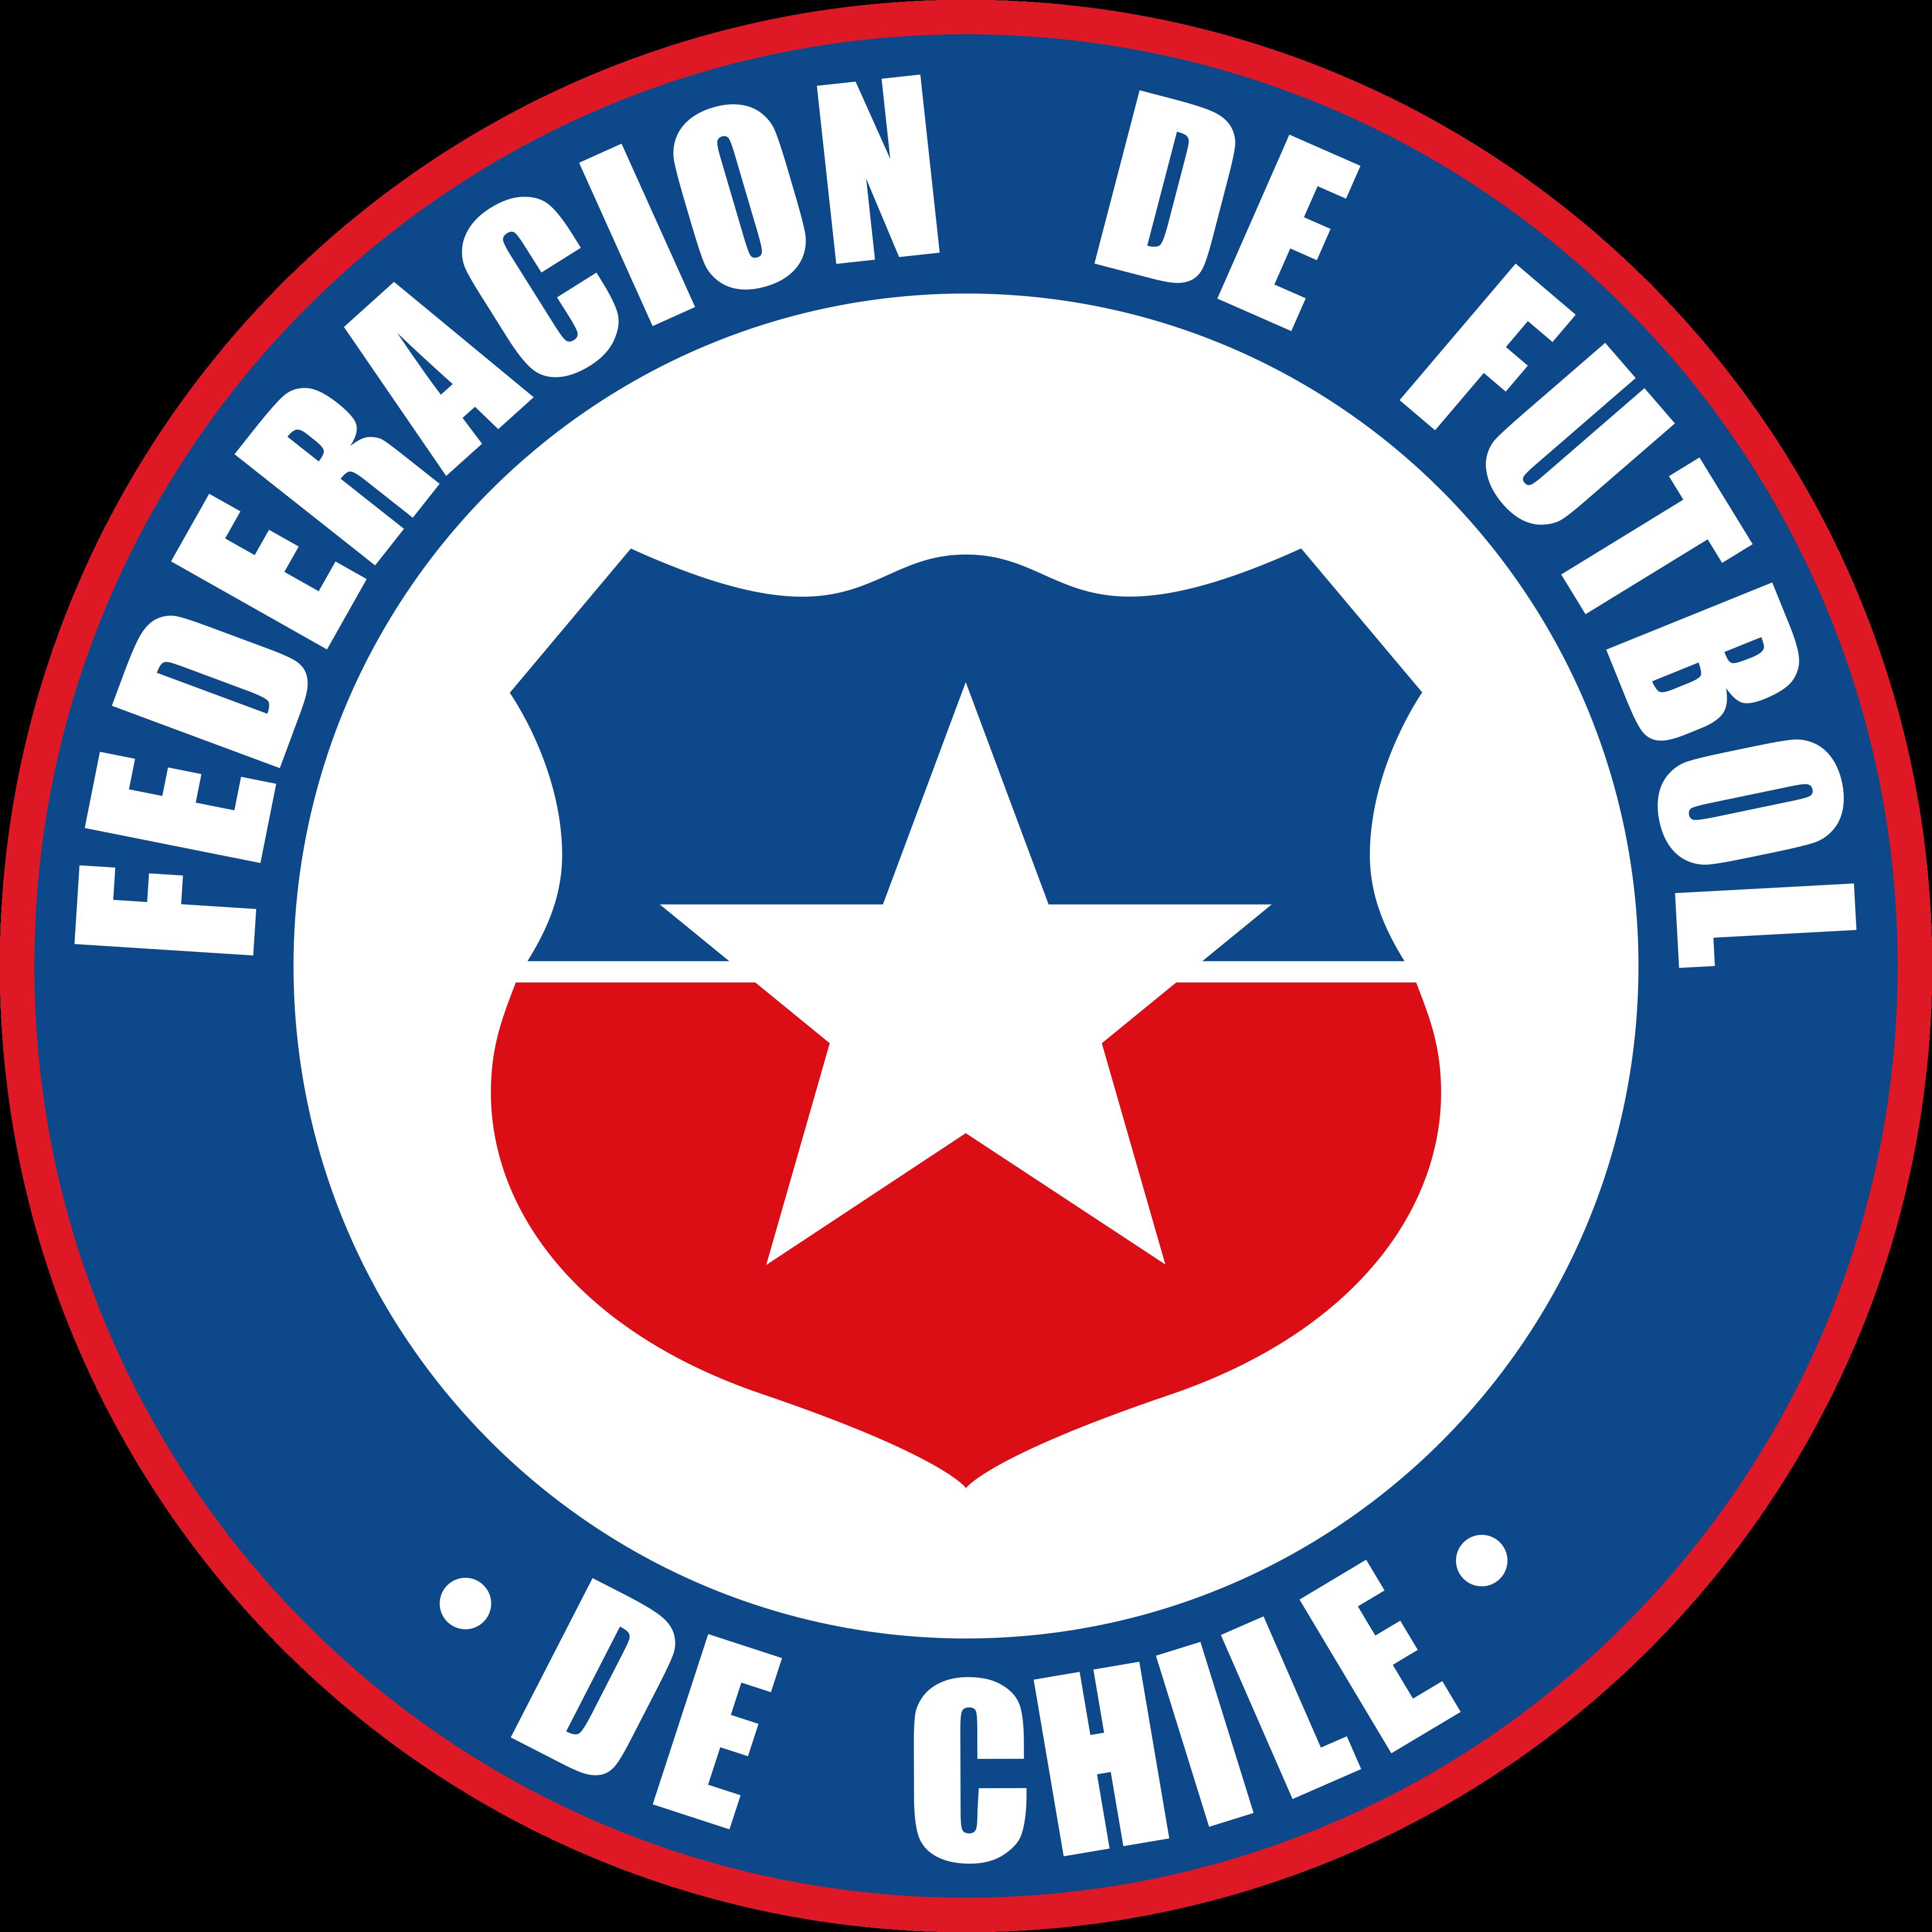 anfp seleccion de futbol de chile logo 1 - ANFP Logo - Seleção do Chile Logo